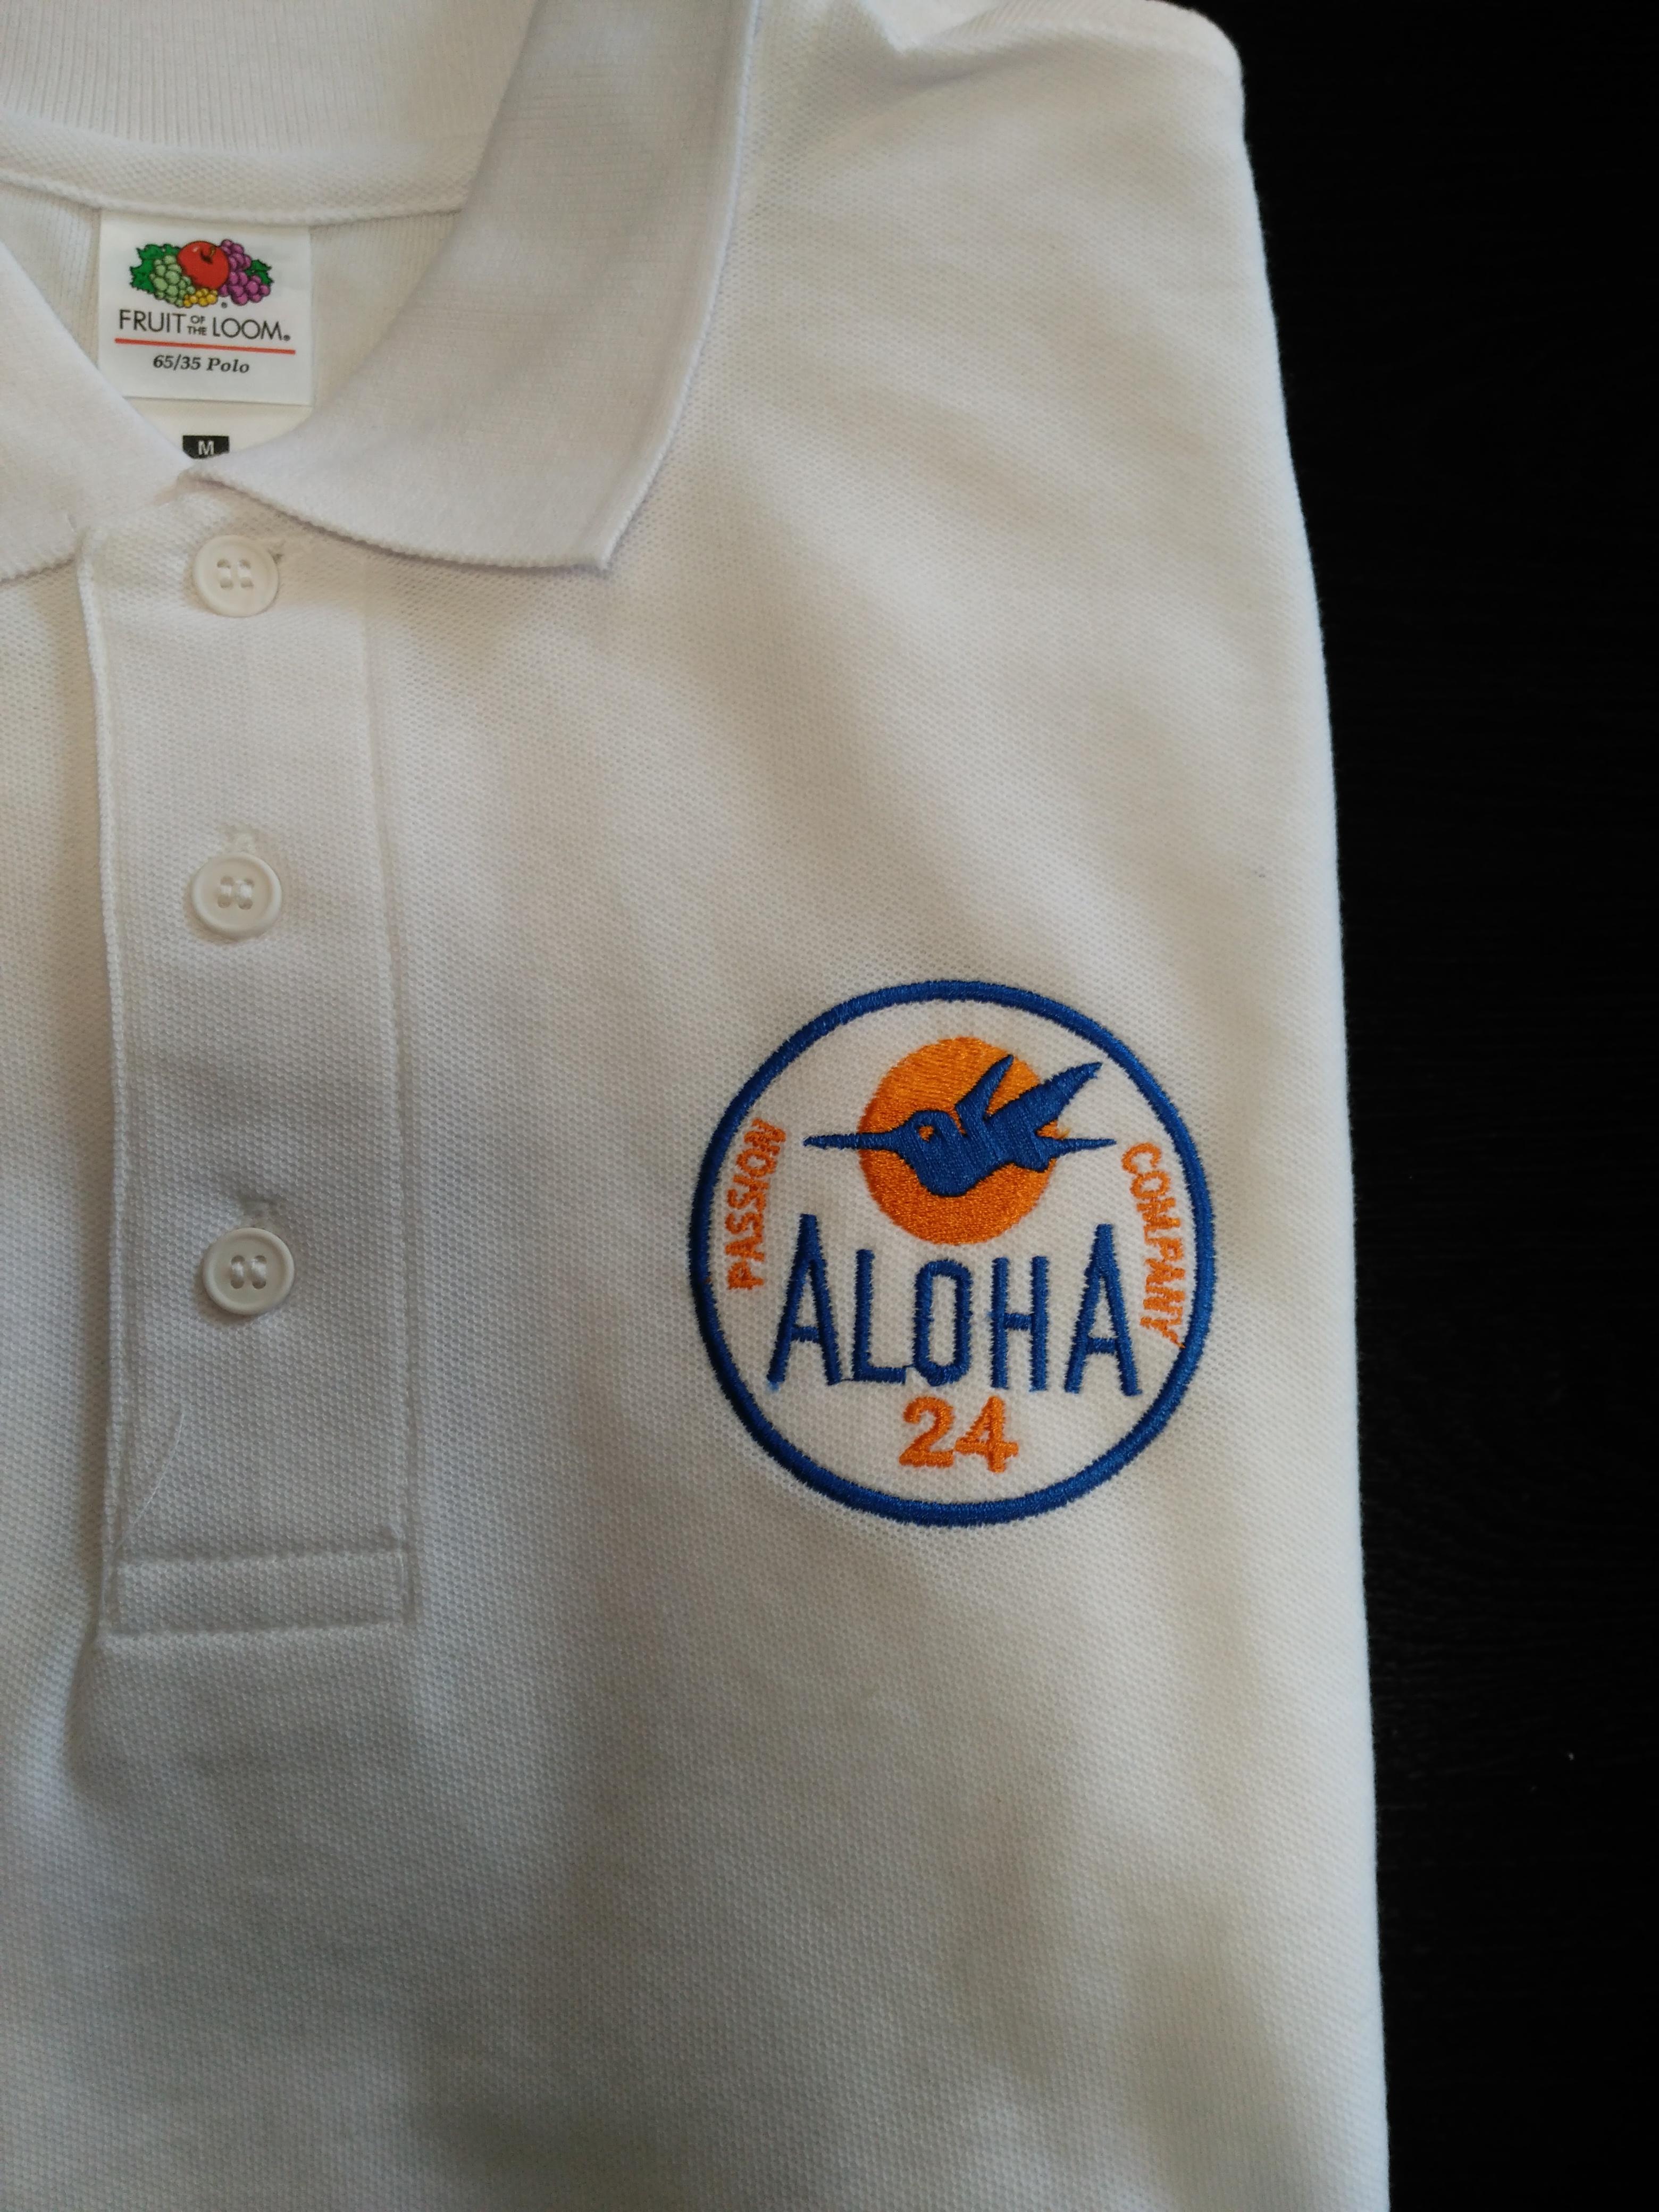 Uniformes realizados a Aloha 24 reparto de comida urgente